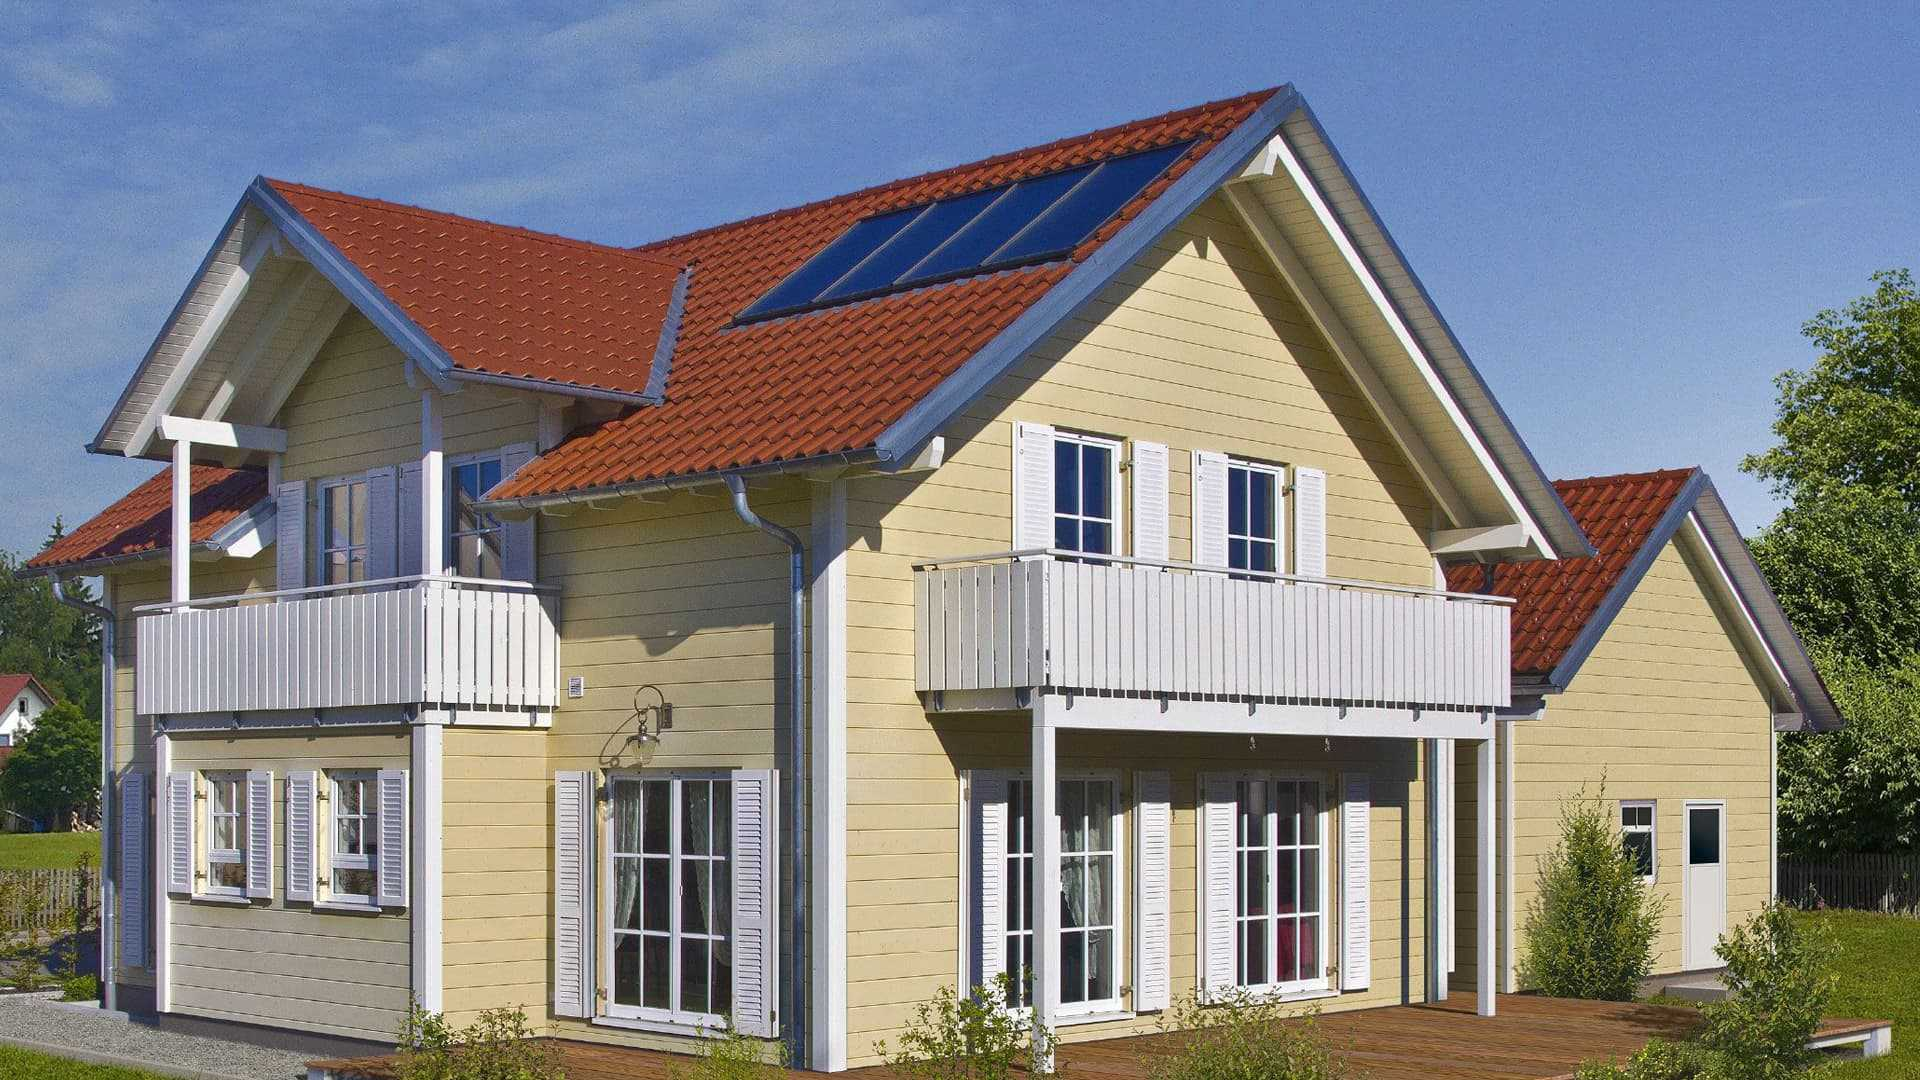 Hervorragend Schwedenhaus bauen! Infos zu Preisen, Häusern und Anbietern HX66